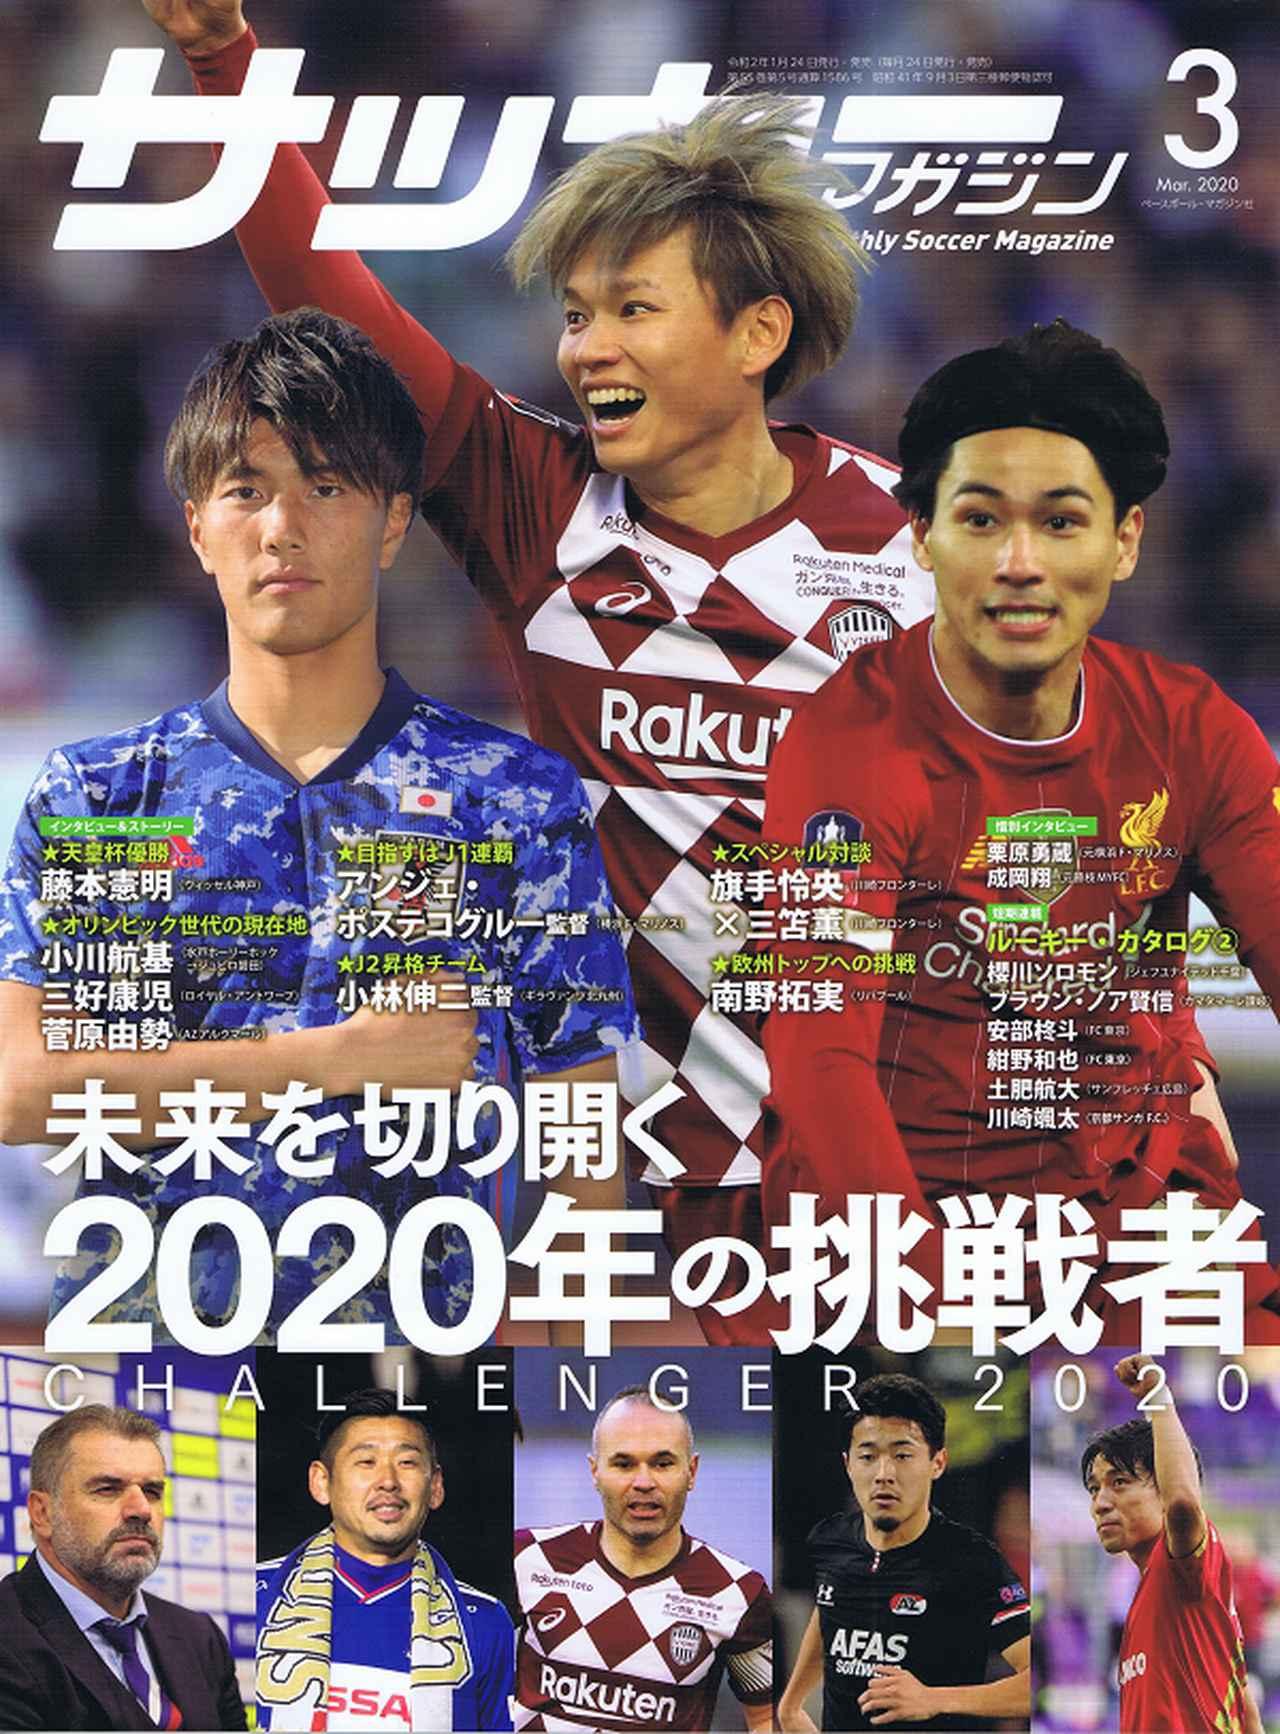 画像: 【BOOK CARTからのご購入】 サッカーマガジン 3月号